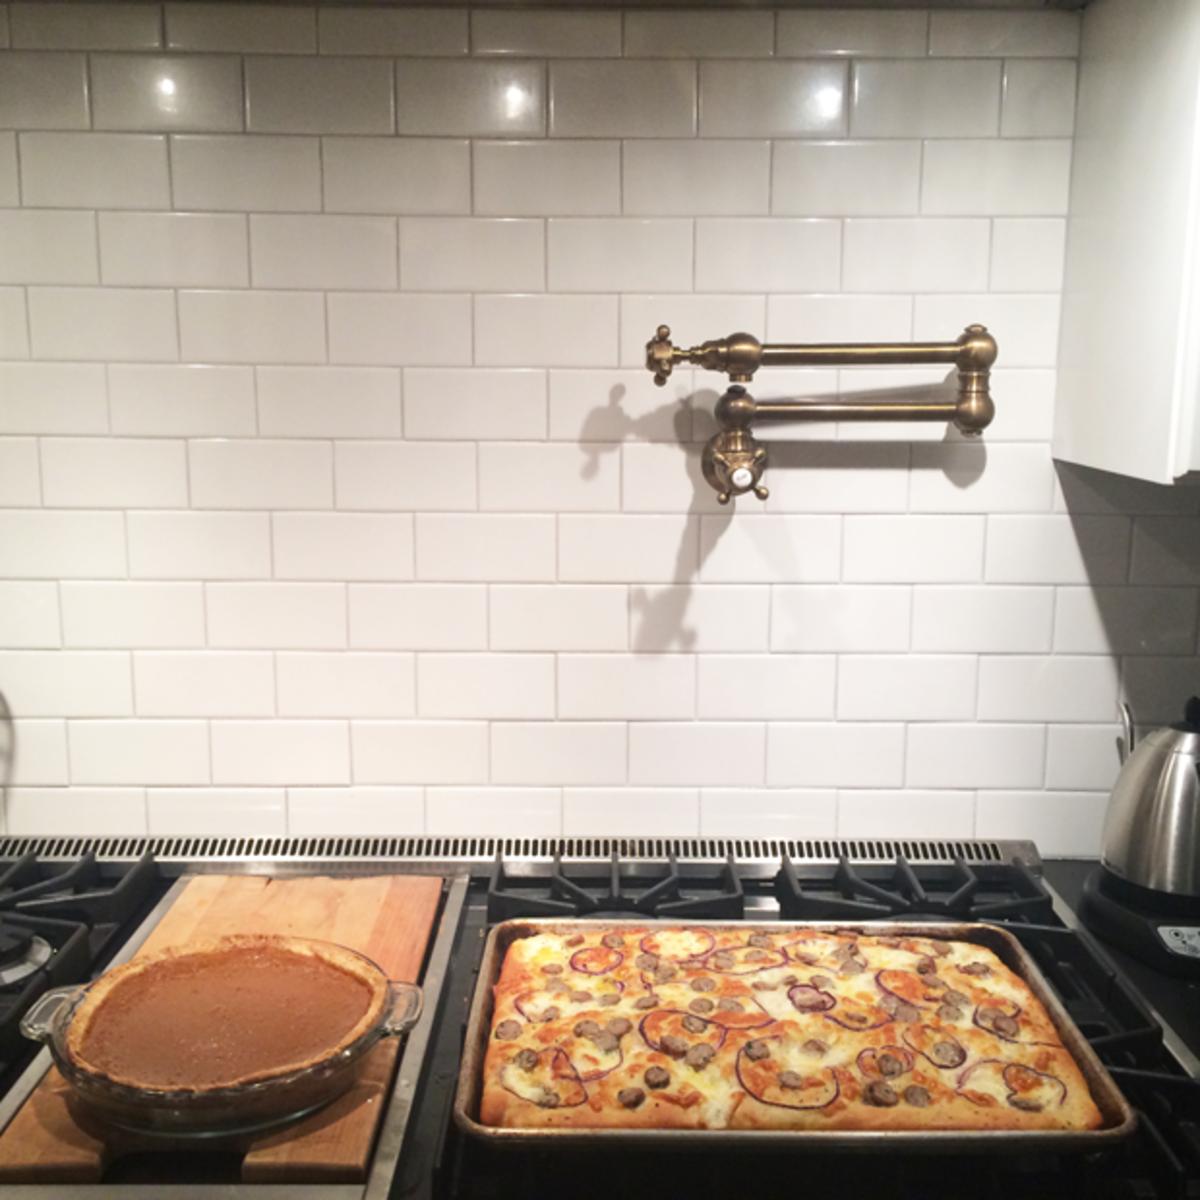 {Homemade pie night: classic pumpkin + savory sausage}